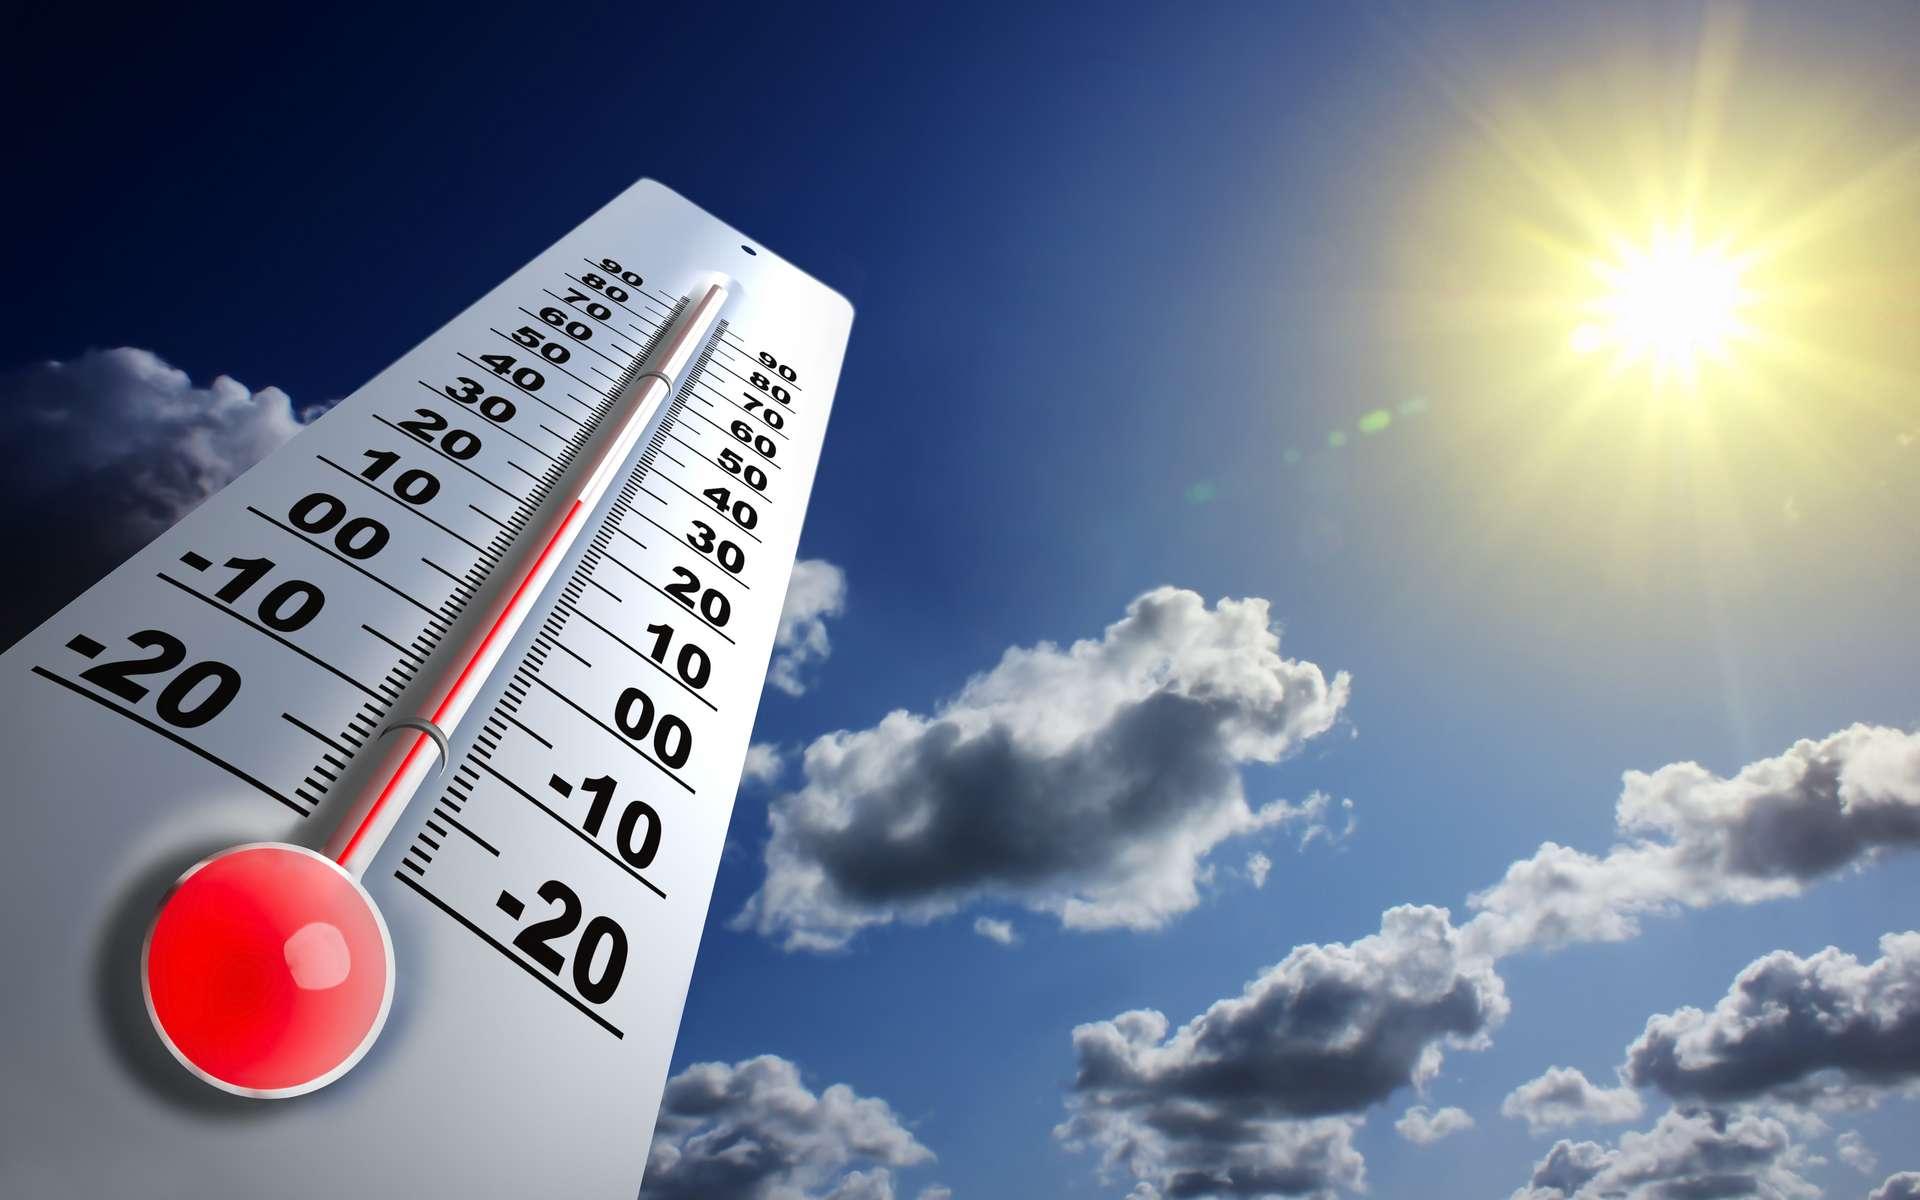 Le réchauffement climatique va augmenter de 4,1 degrés minimum si on ne change rien. © photlook, Adobe Stock